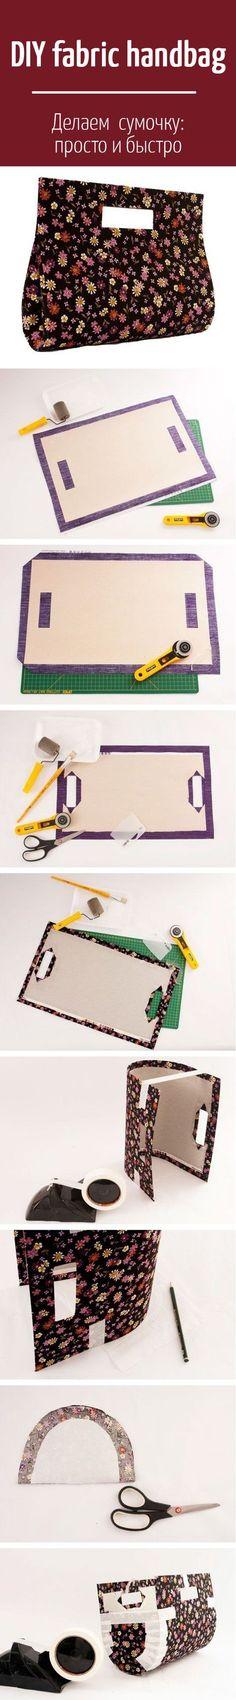 DIY fabric handbag /Делаем сумочку из картона и ткани: просто и быстро